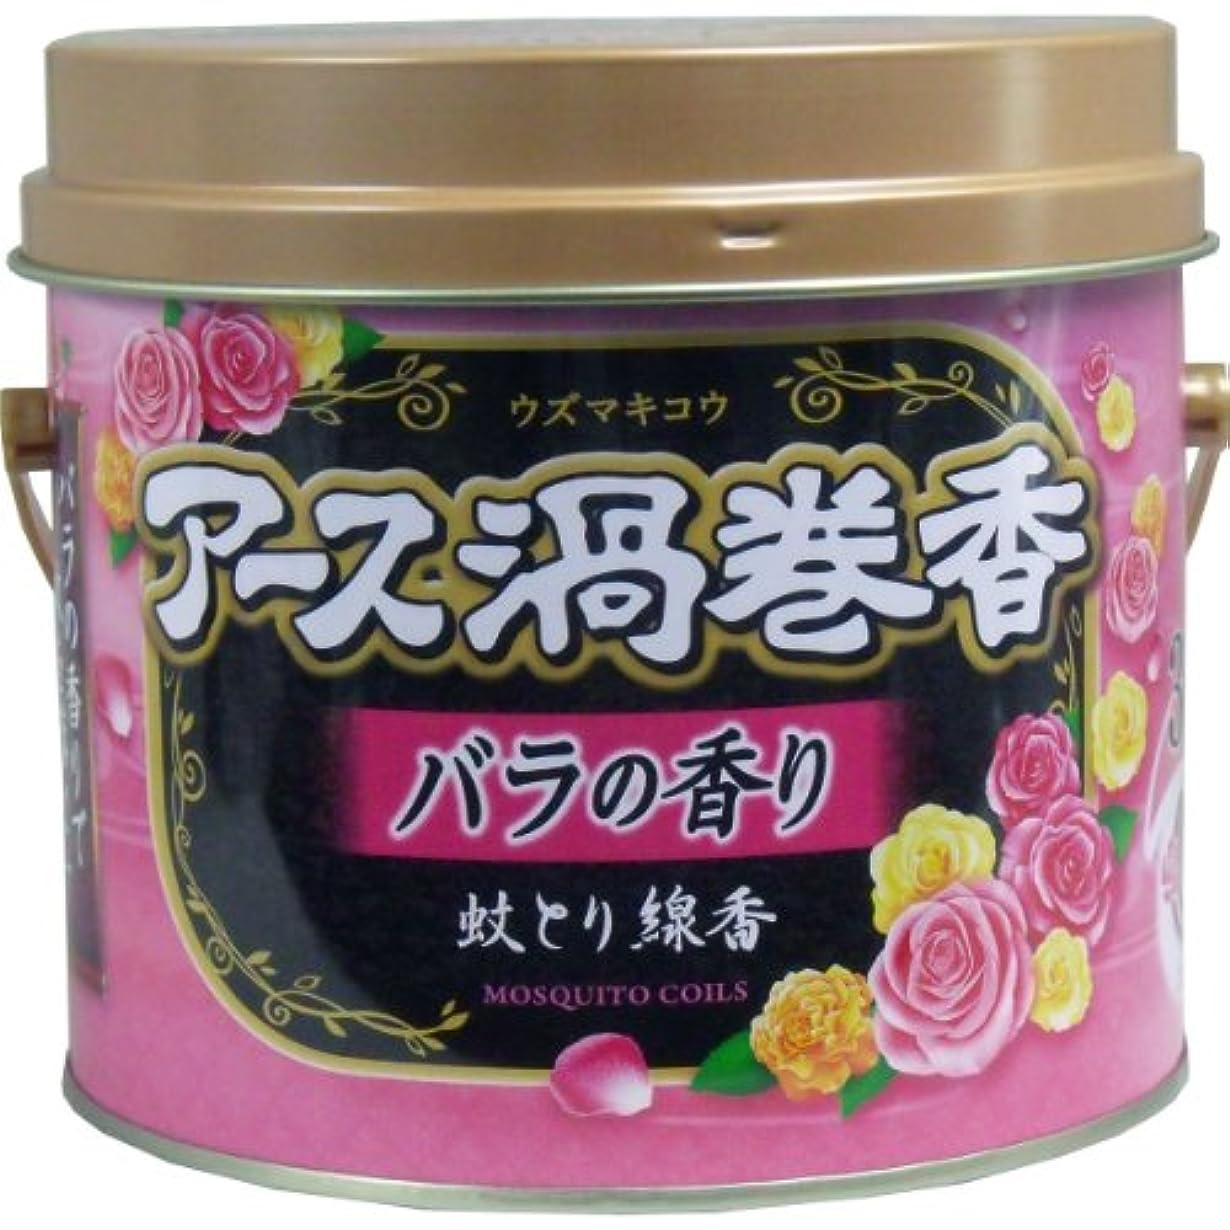 悔い改め三十ライターアース渦巻香 蚊とり線香 バラの香り 30巻 2個セット